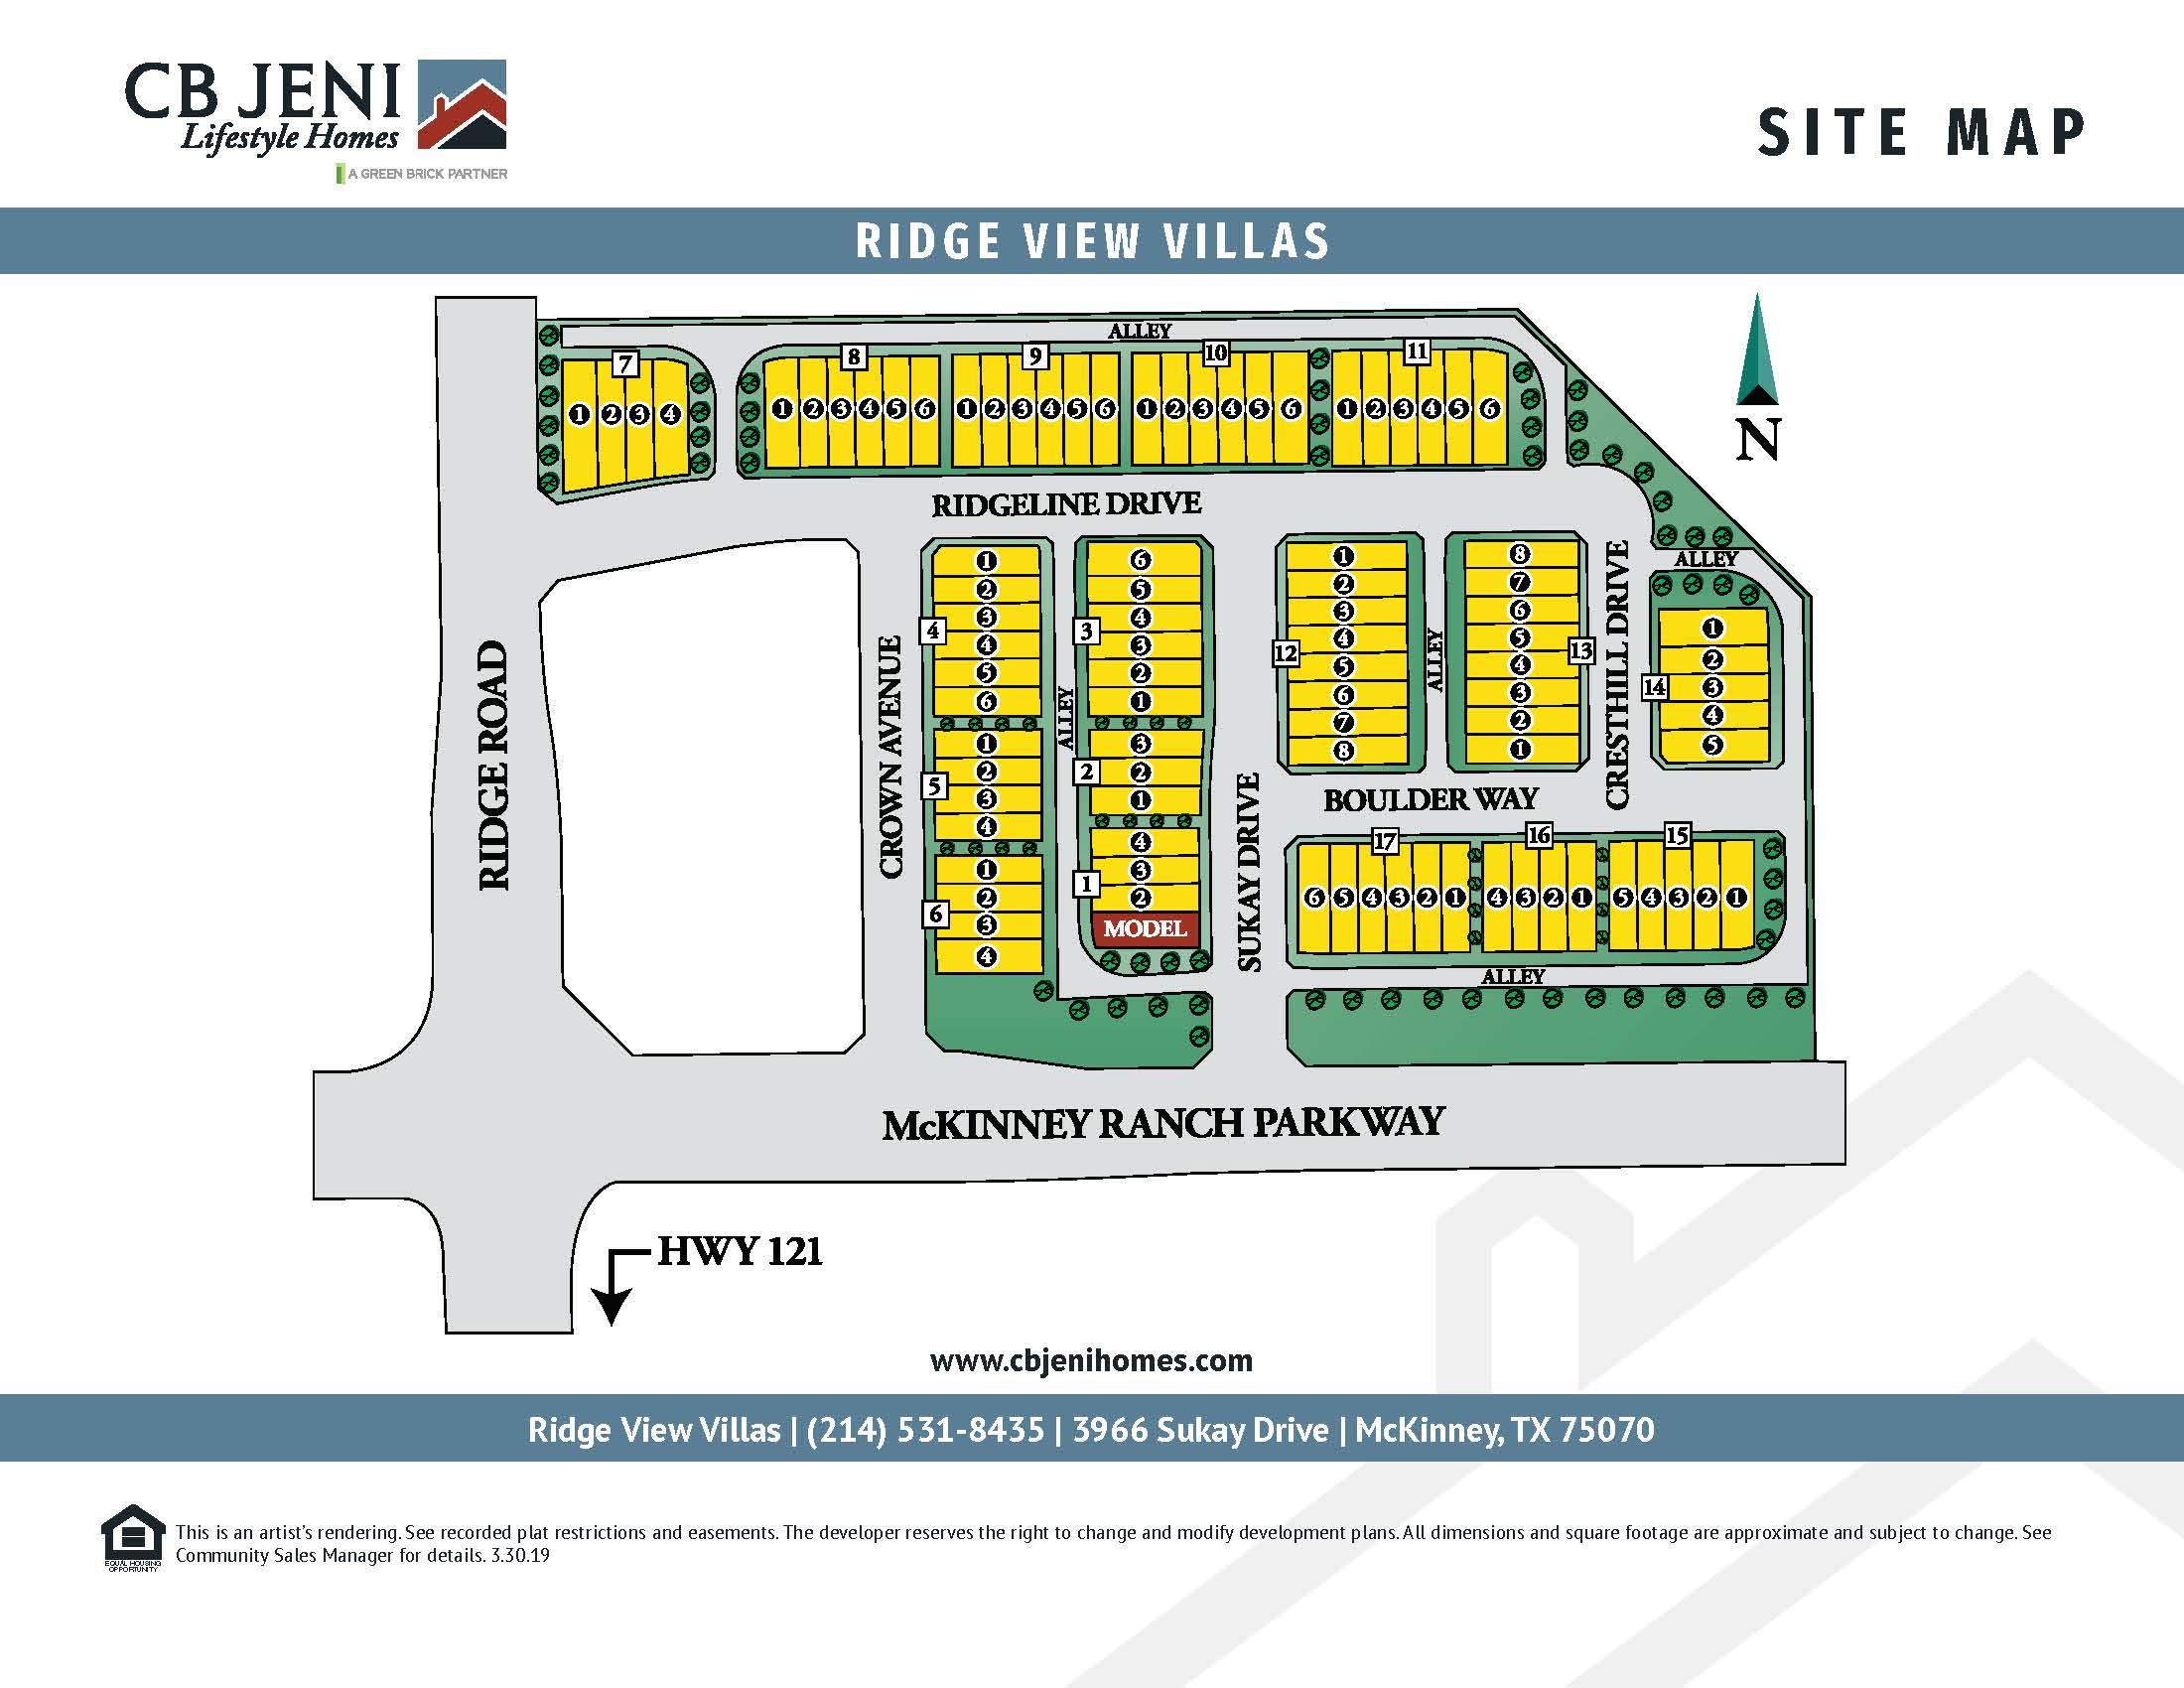 Ridge View Villas Site Map